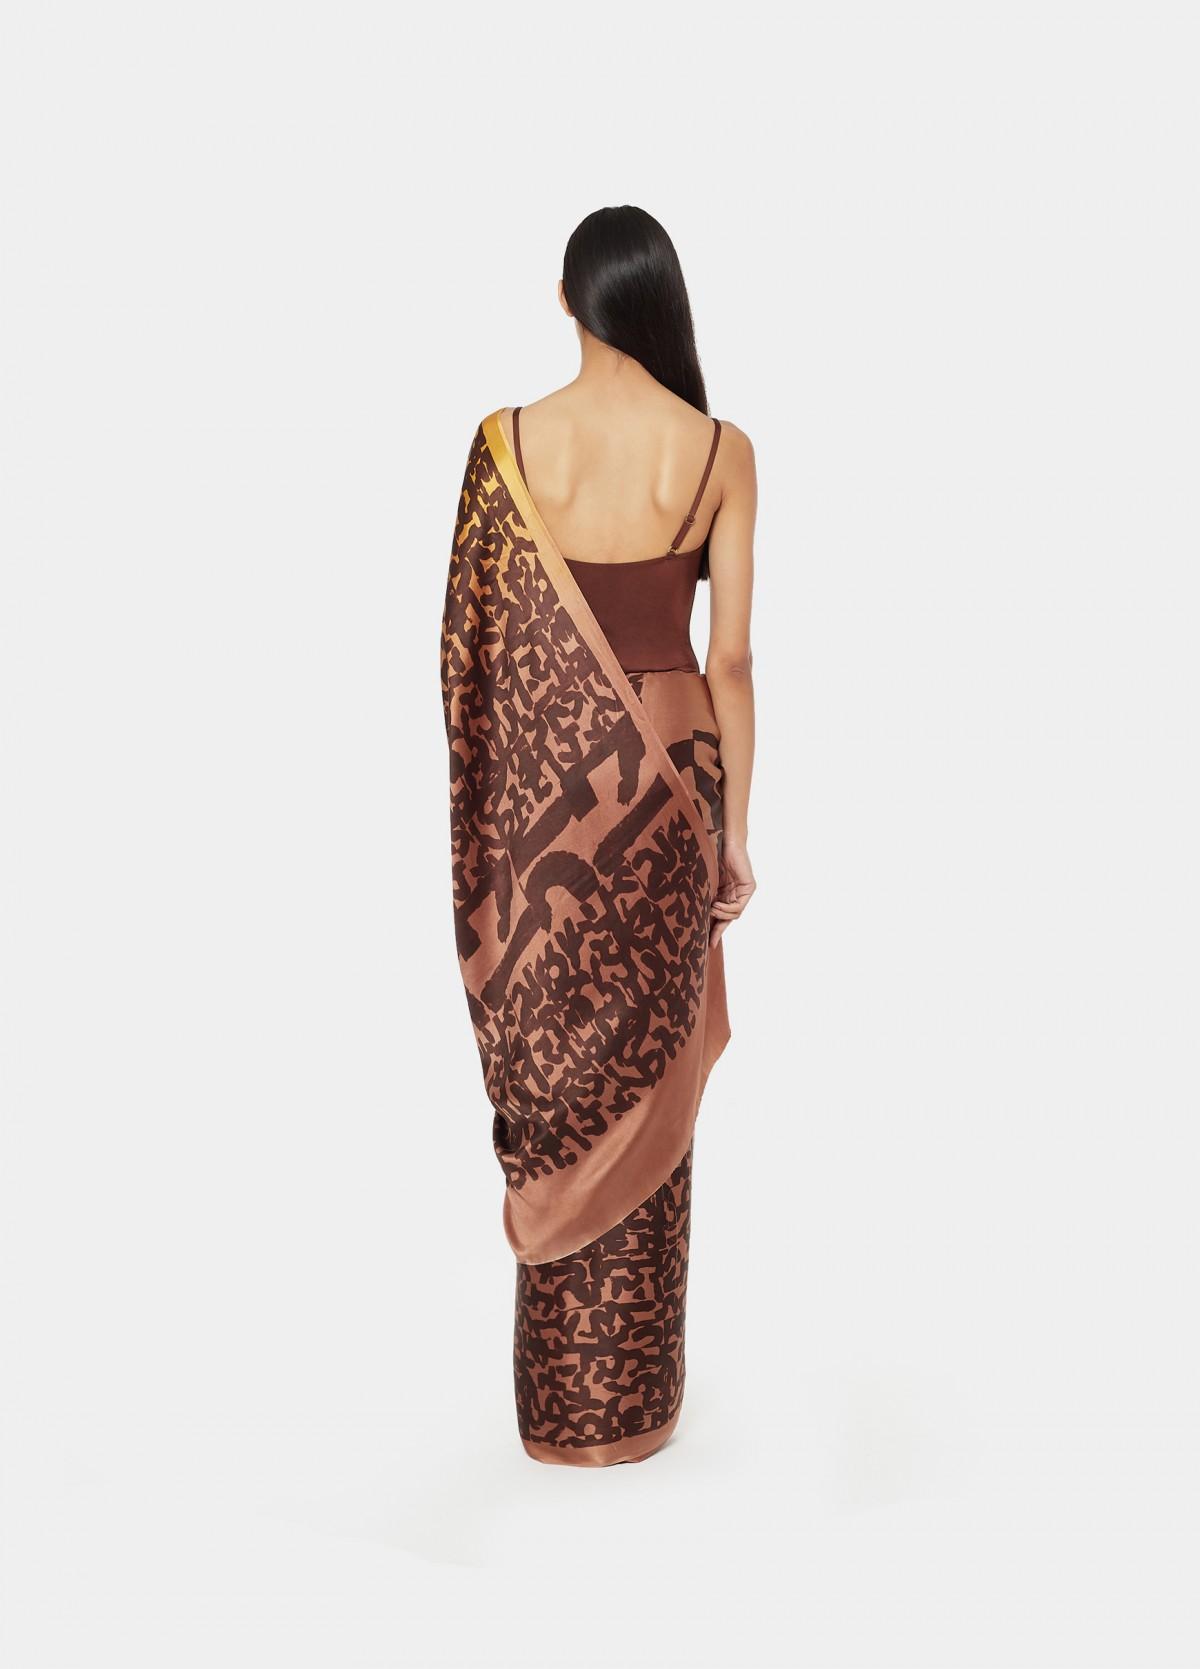 The Sanga Sari